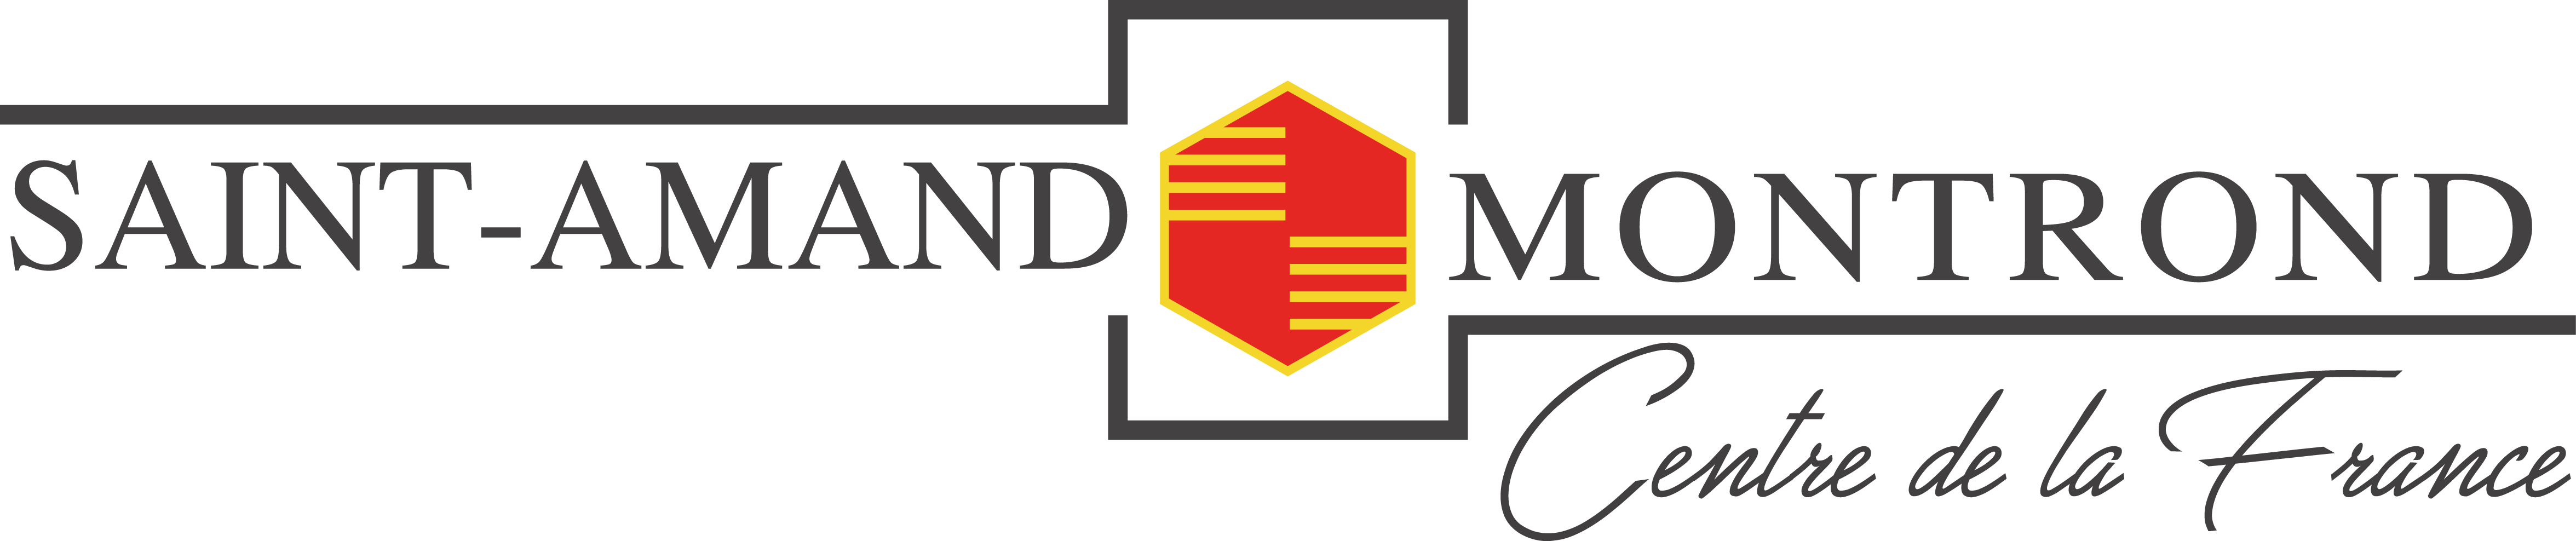 Logo de la ville de Saint-Amand-Montrond